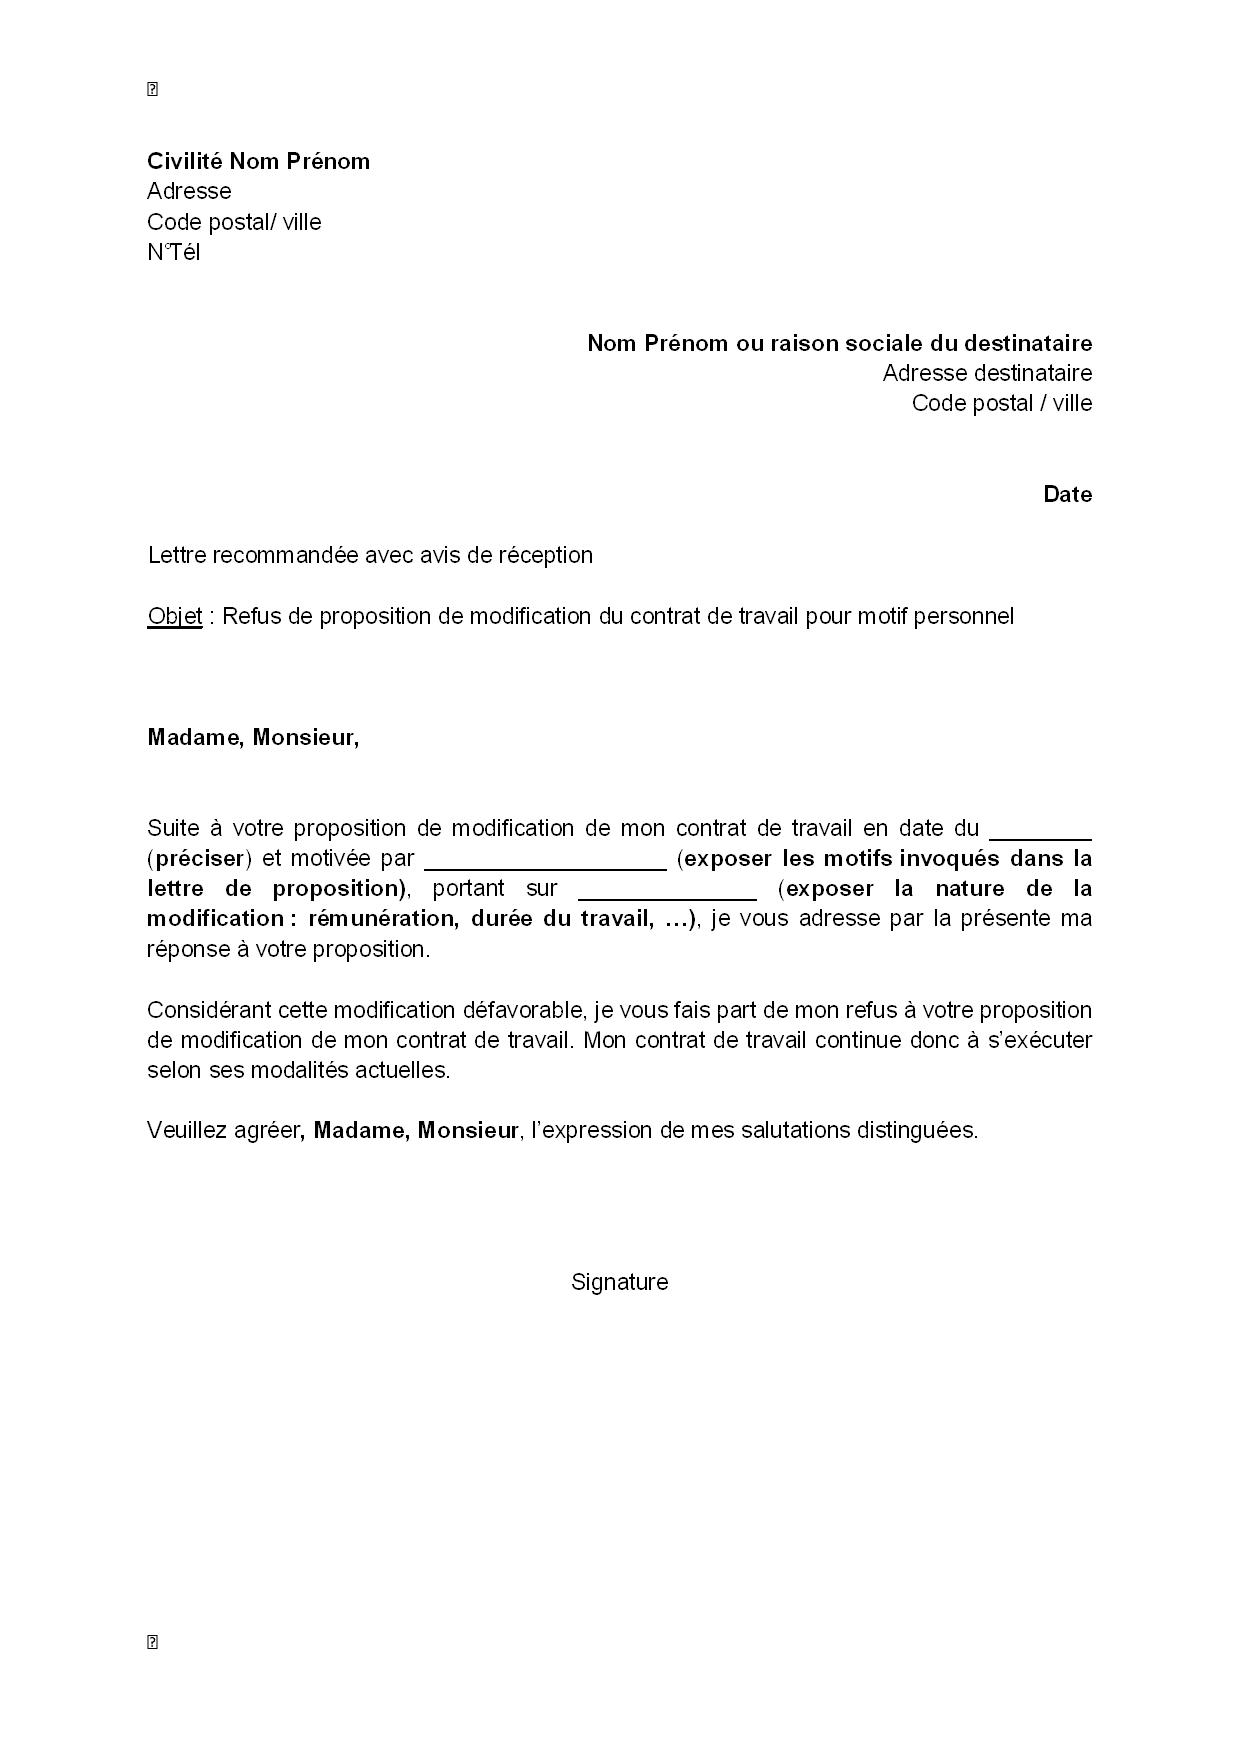 lettre de refus  par le salari u00e9  de la modification de son contrat de travail pour motif